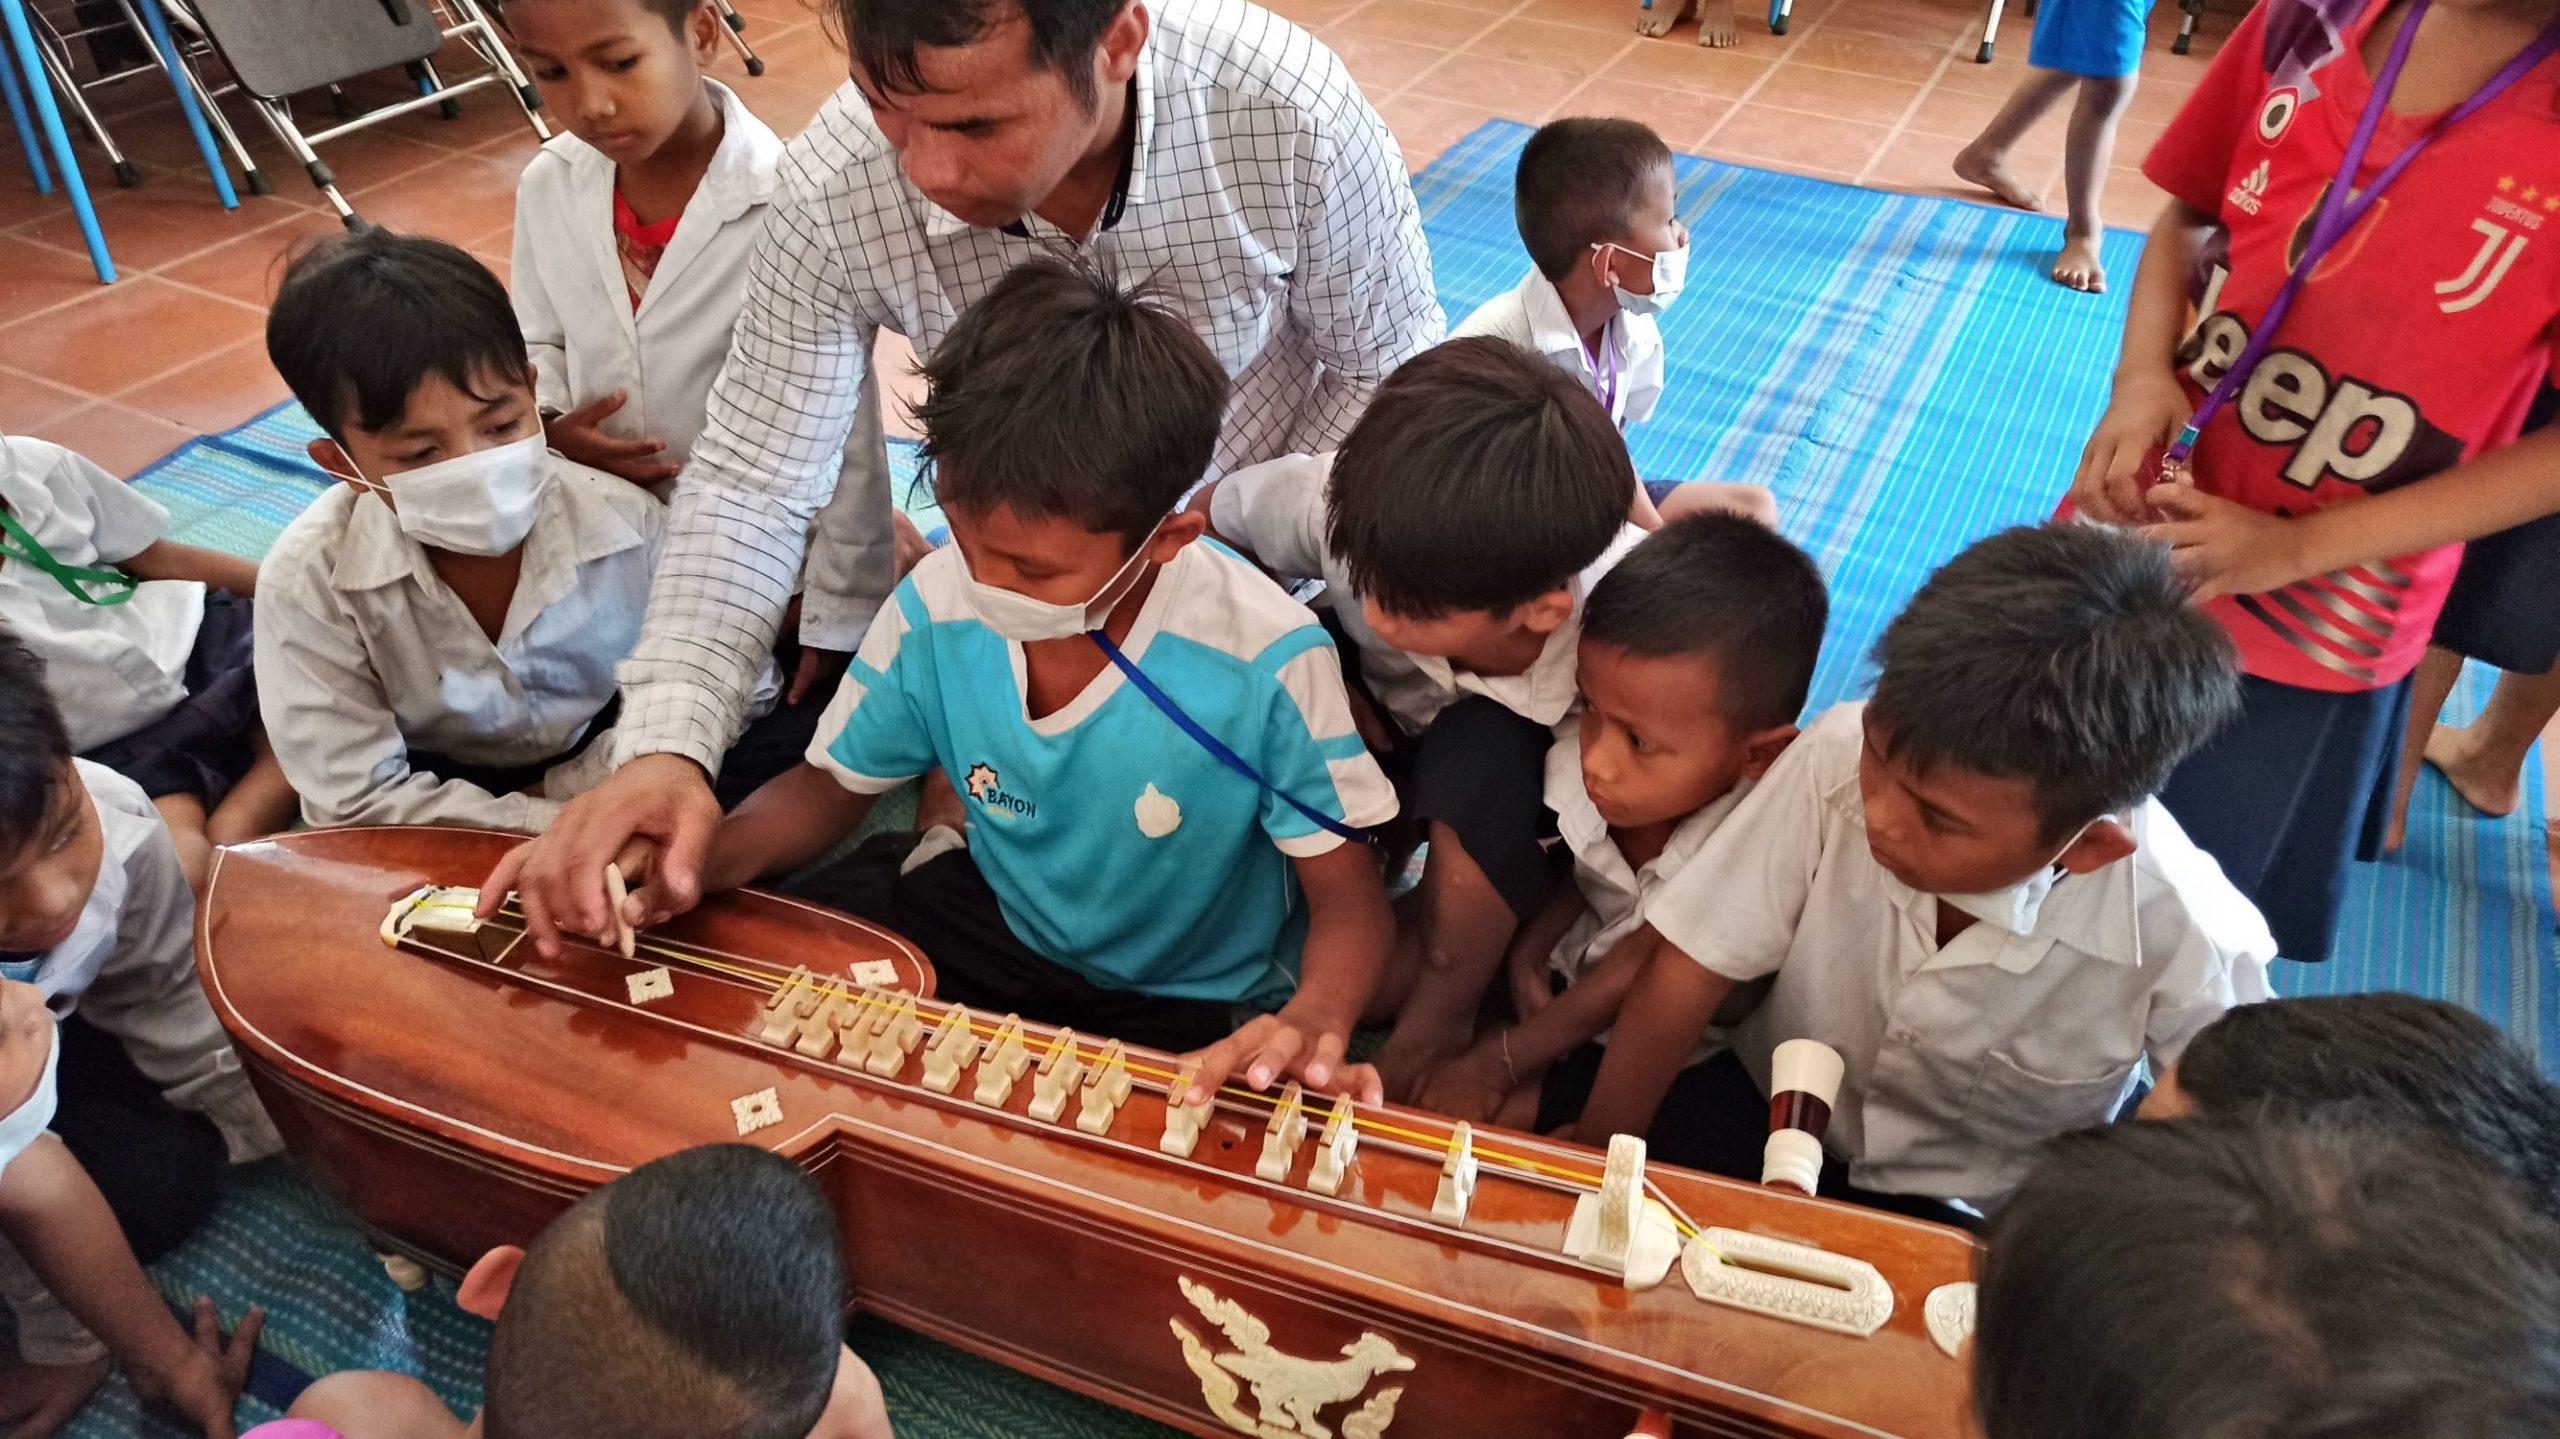 enfants essayent un instrument de musique